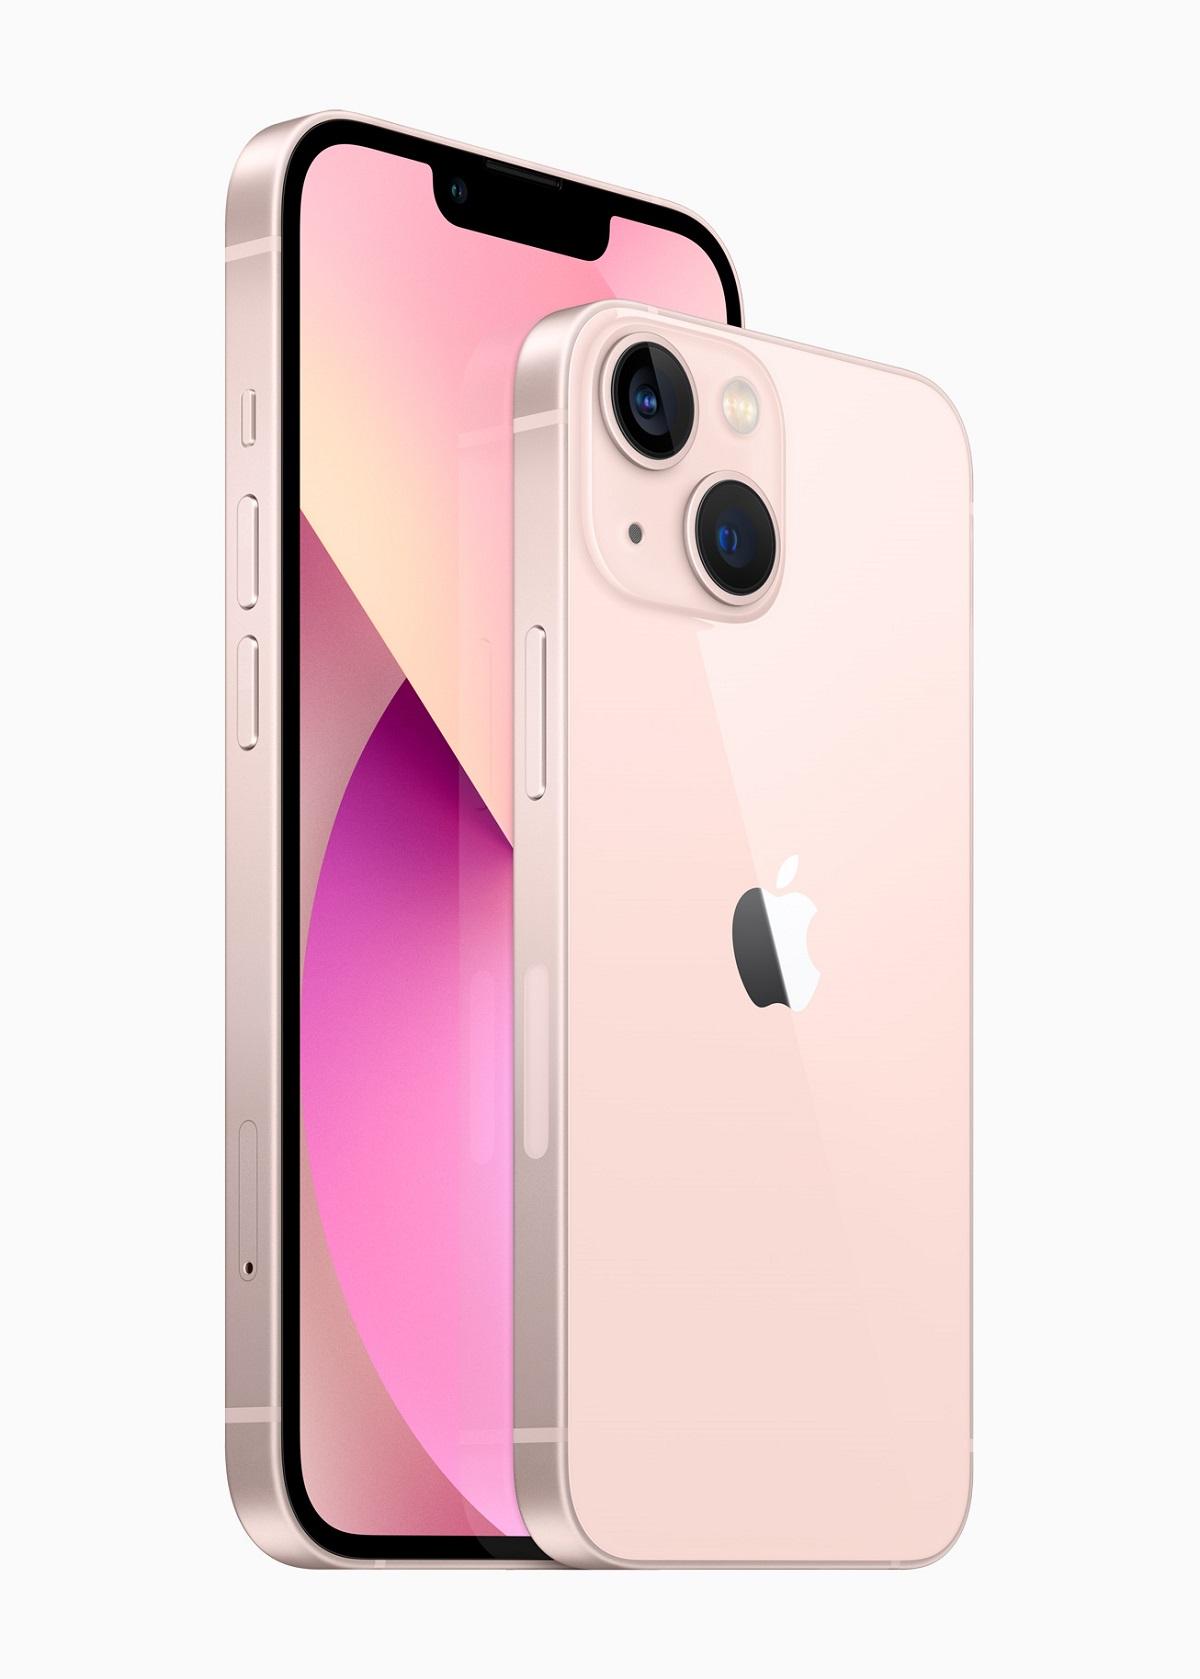 В iPhone 13 и iPhone 13 mini представлены важные технологические инновации, в том числе самая передовая система с двумя камерами, когда-либо существовавшая на iPhone, мощный чип и впечатляющий скачок времени автономной работы.